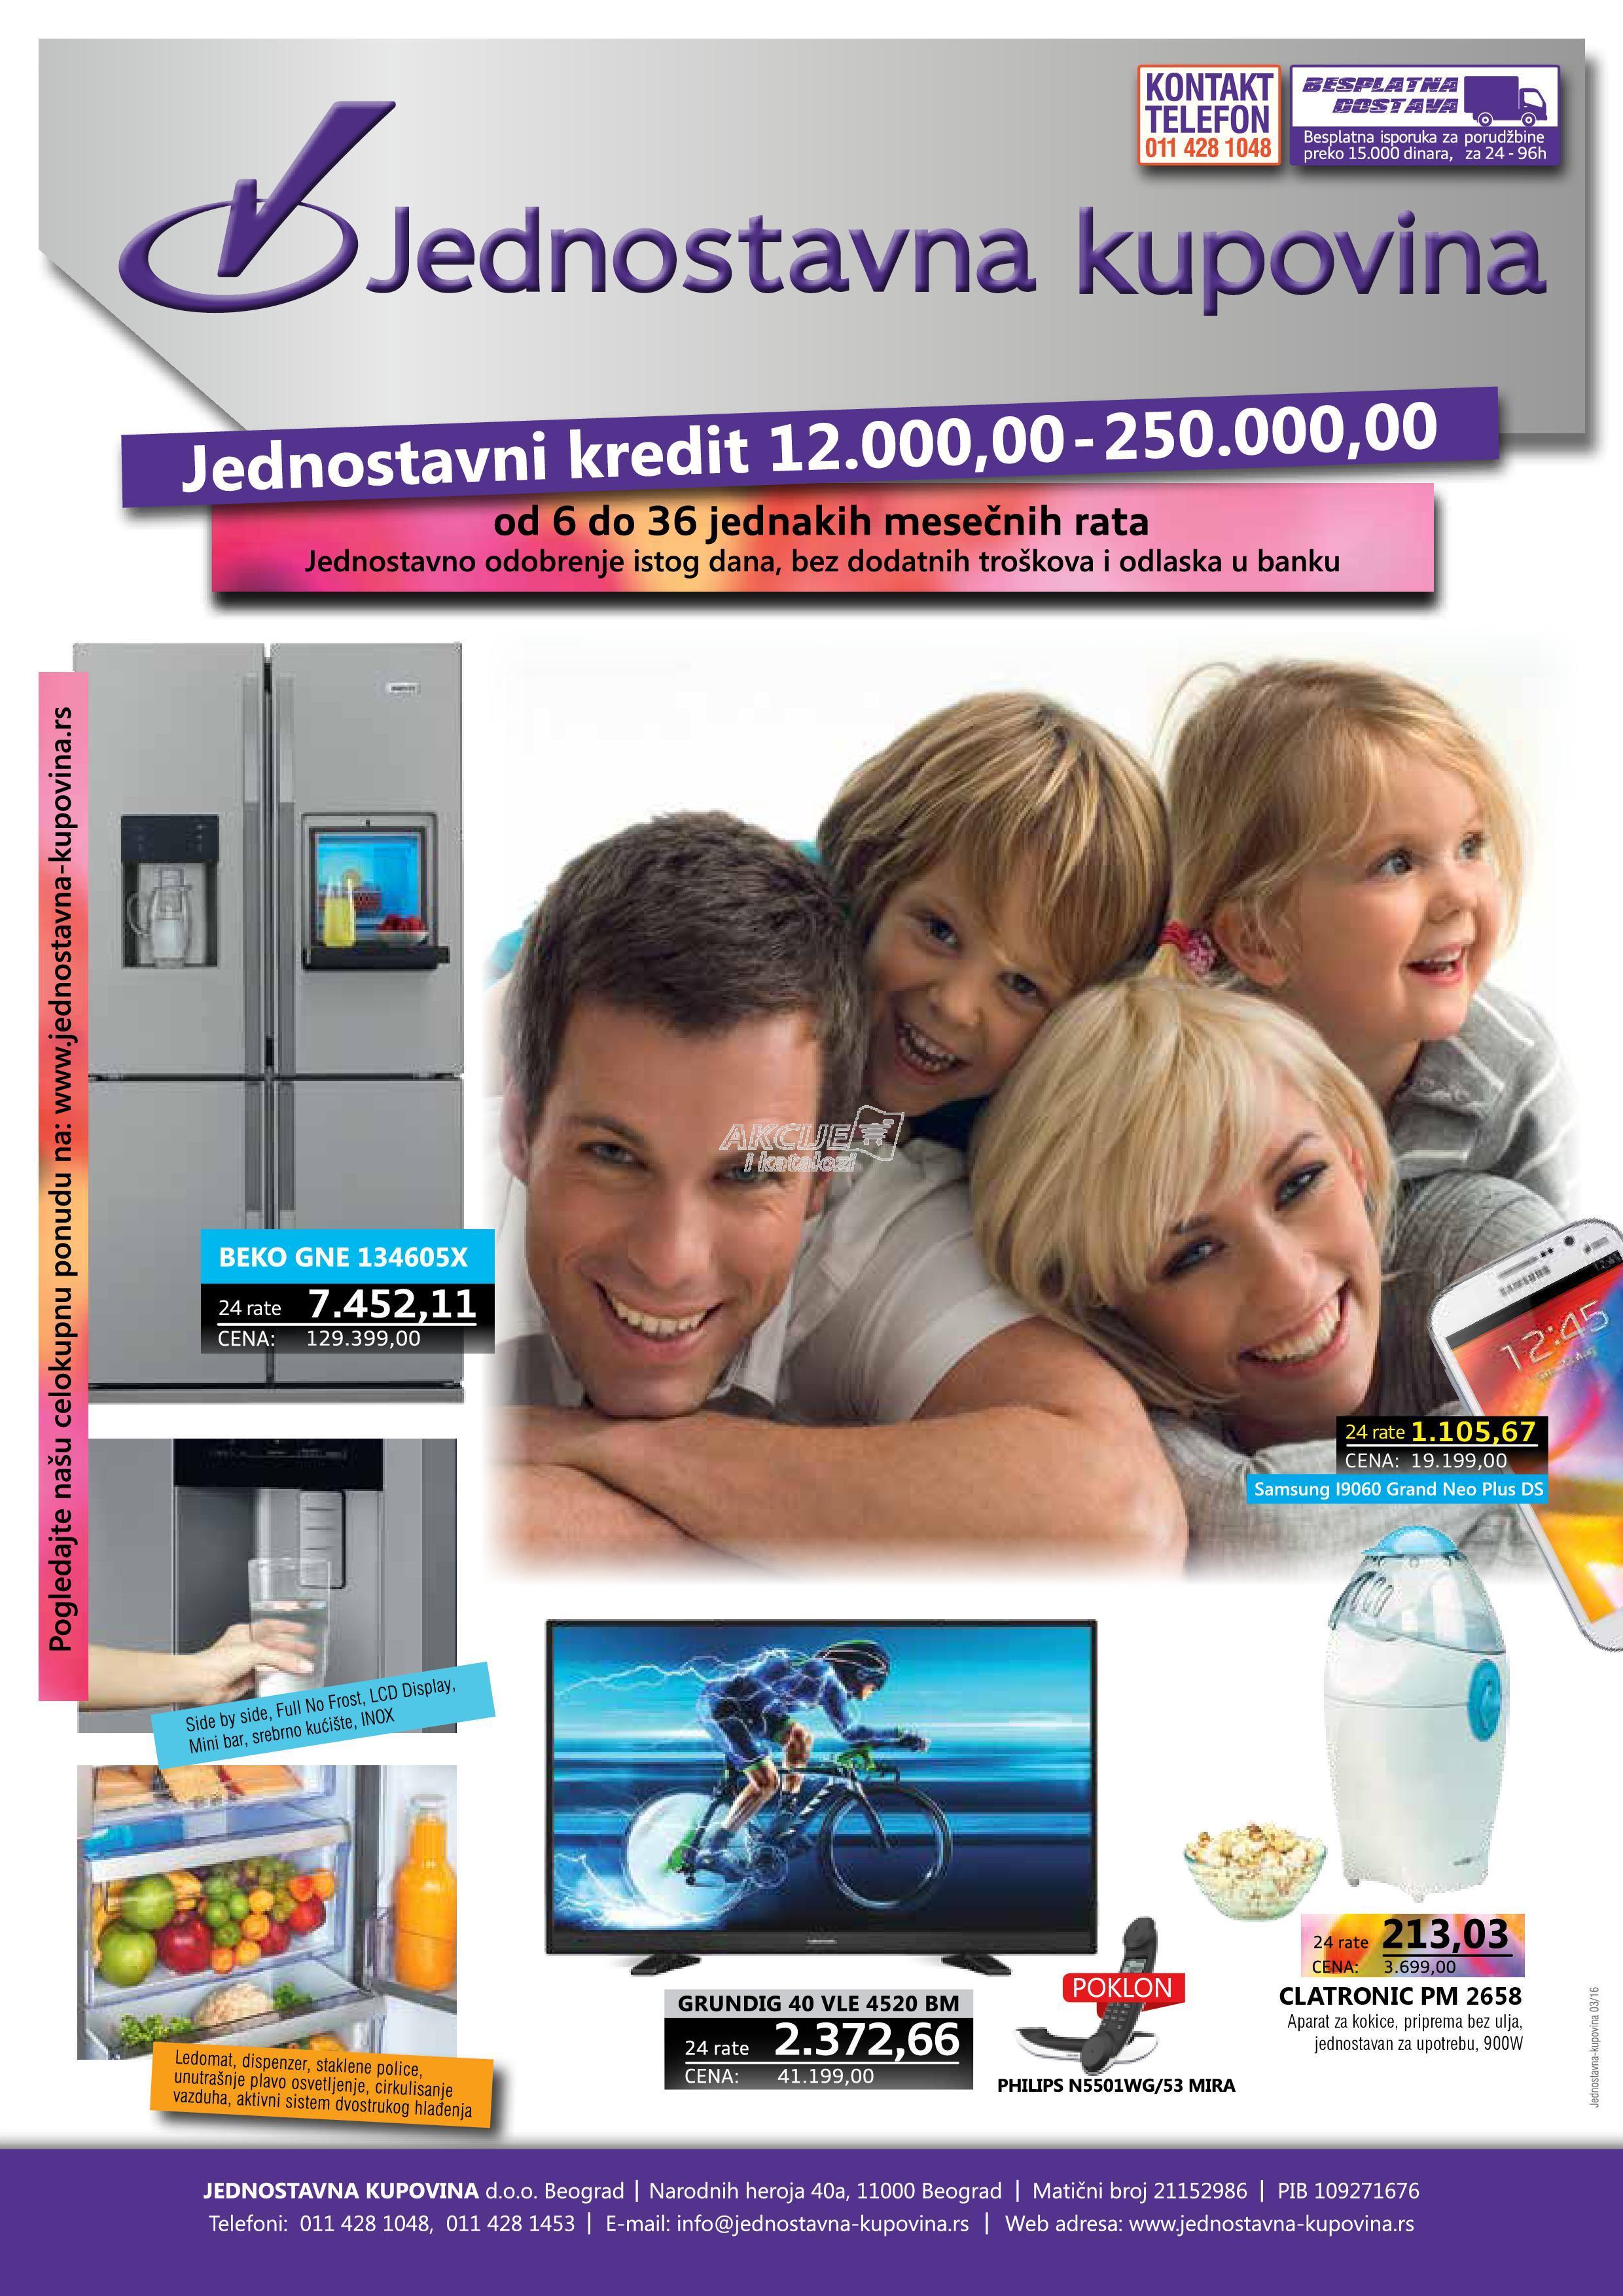 Jendostavna kupovina - Redovna akcija super kupovine